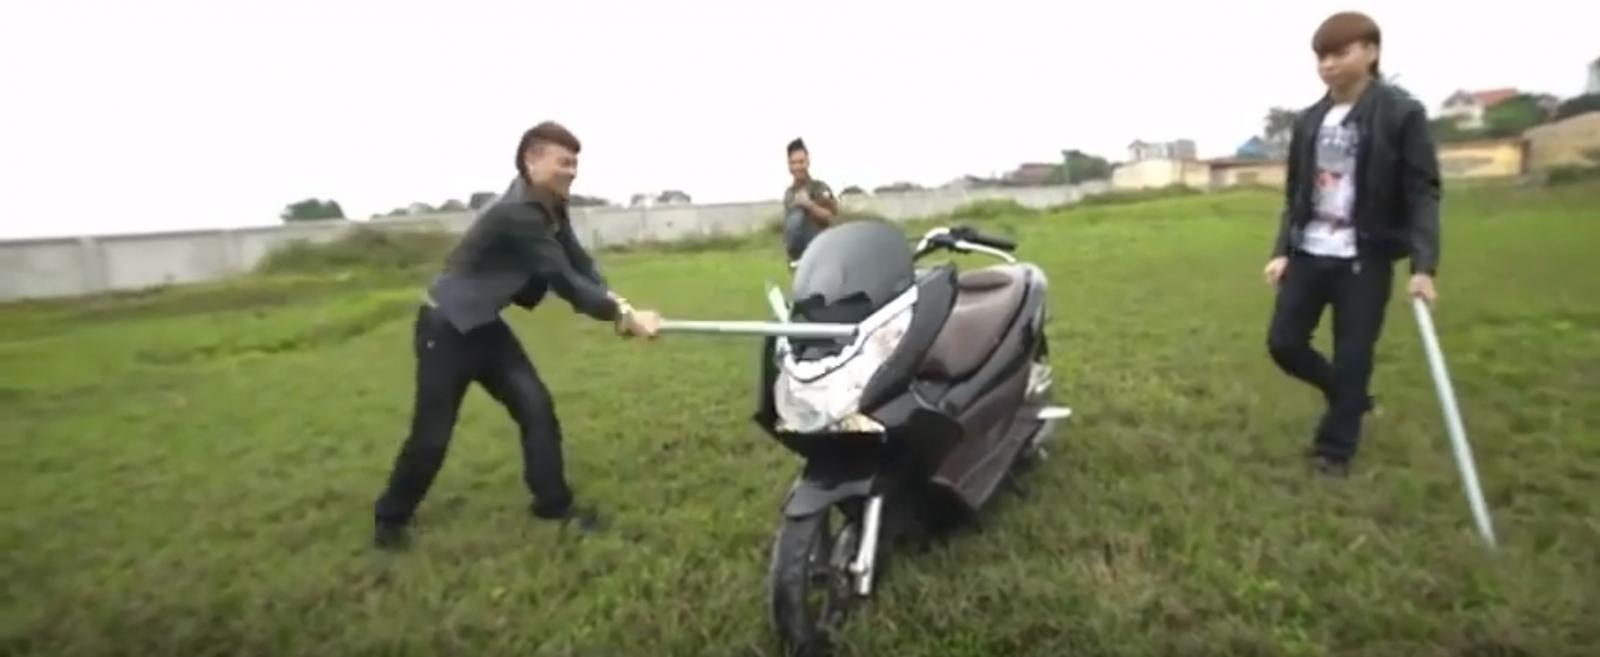 Theo video mới của Khá Bảnh, nam thanh niên này đập xe đăng ký chính chủ của mình để đổi lấy chiếc xe máy điện NewTech nhằm hưởng ứng chiến dịch truyền thông mới của Pega